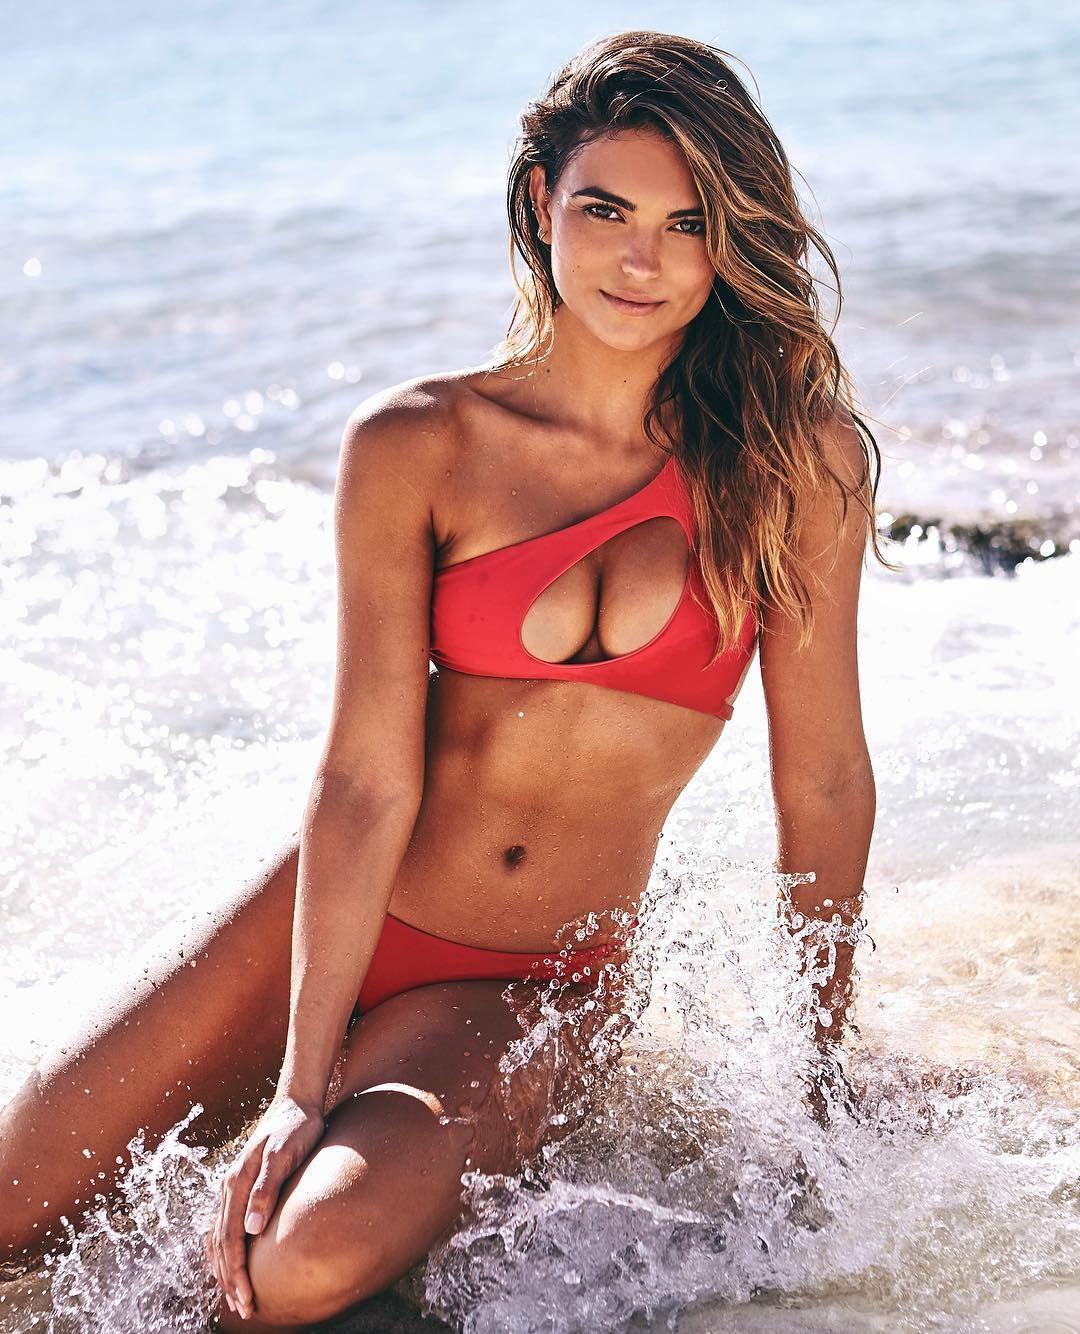 Bikini pleasure kyra